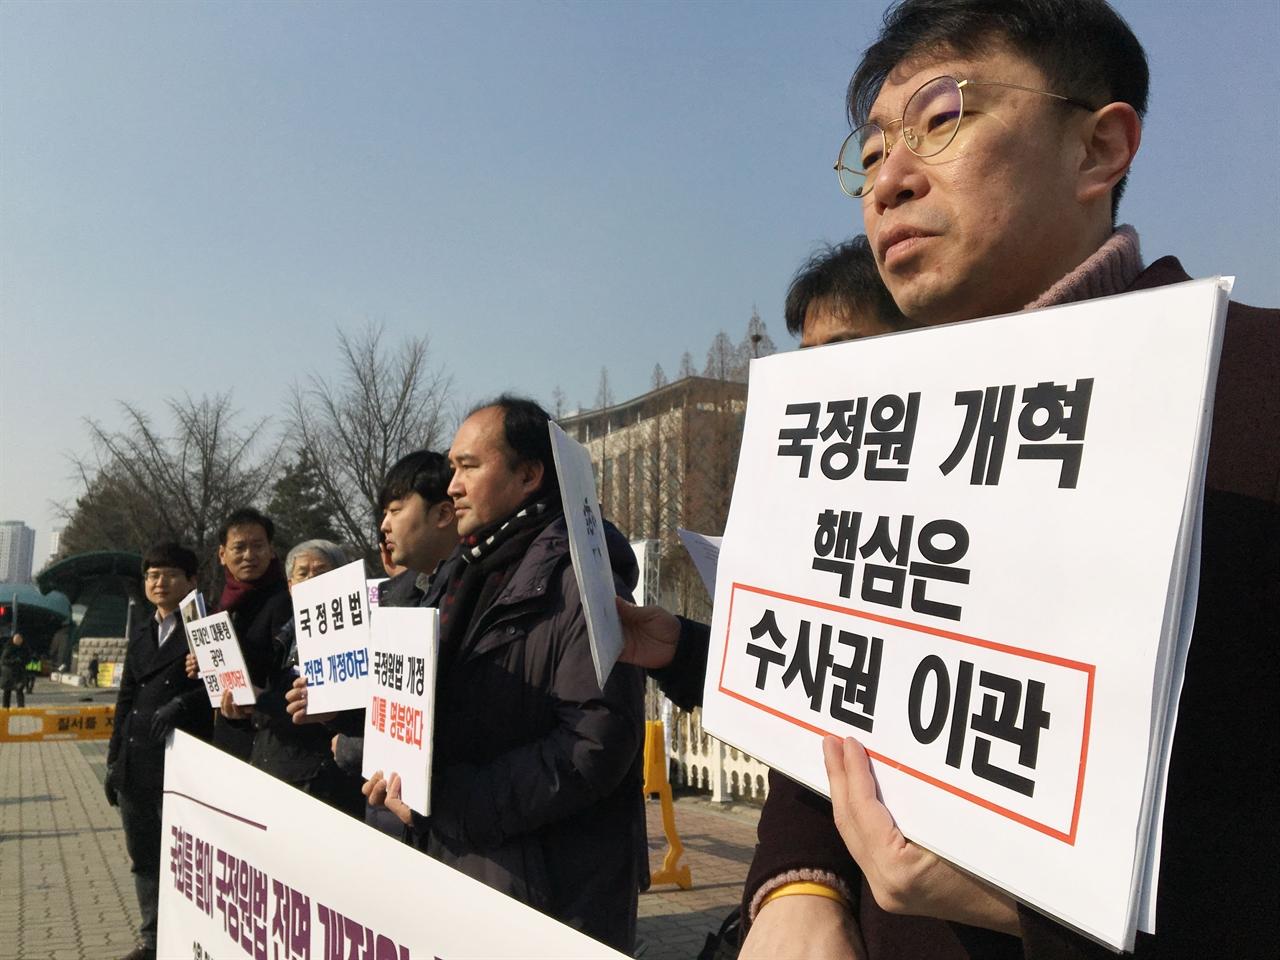 12일, 국정원감시네트워크가 서울 여의도 국회 정문 앞에서 기자회견을 열고 국회에 국정원법 전면 개정안의 조속한 처리를 요구했다.